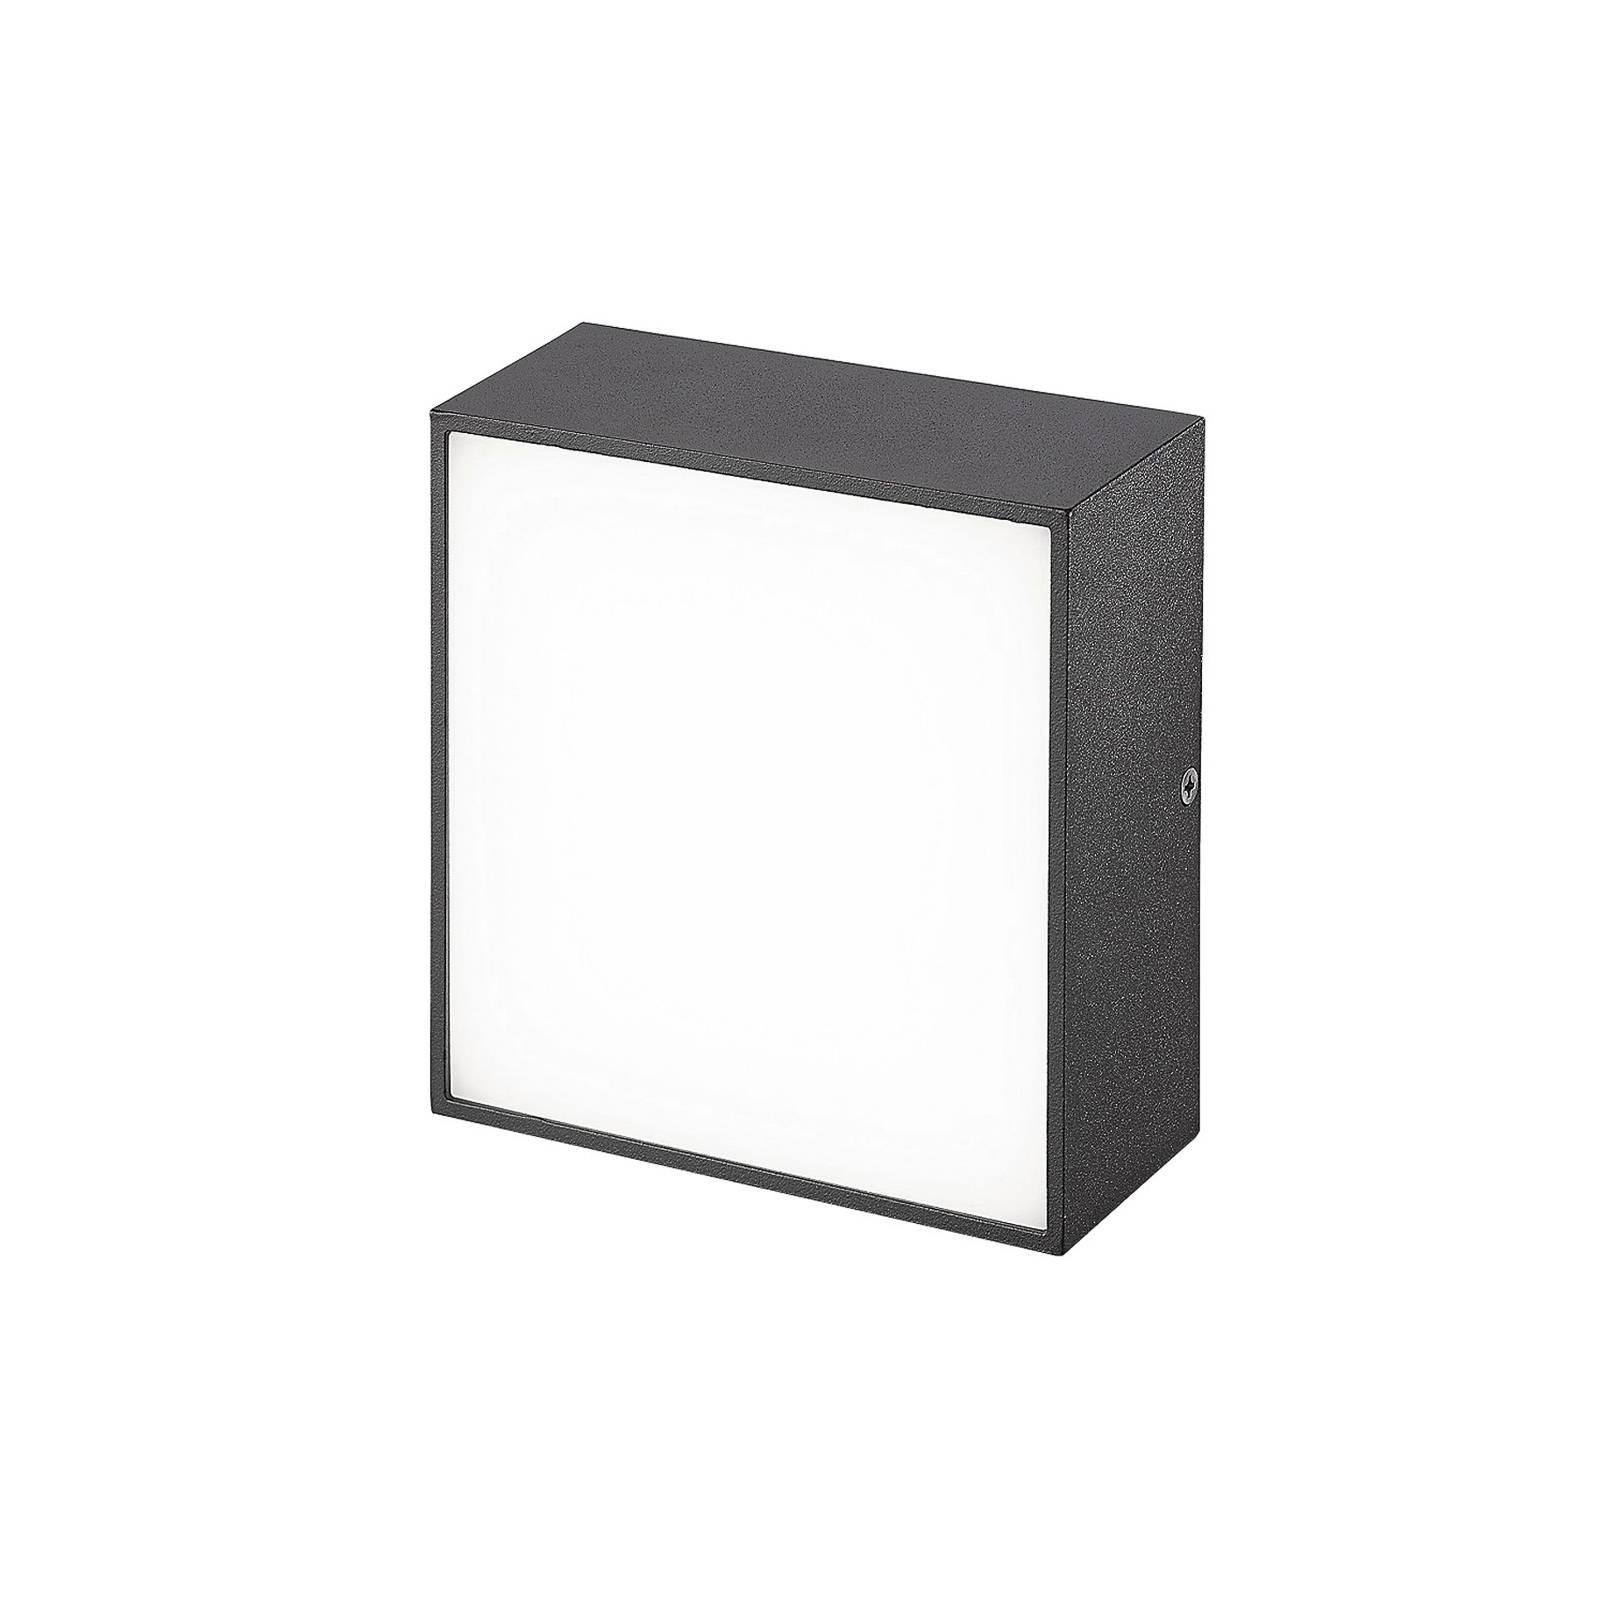 LED-ulkoseinälamppu CMD 9023, 14 x 14 cm